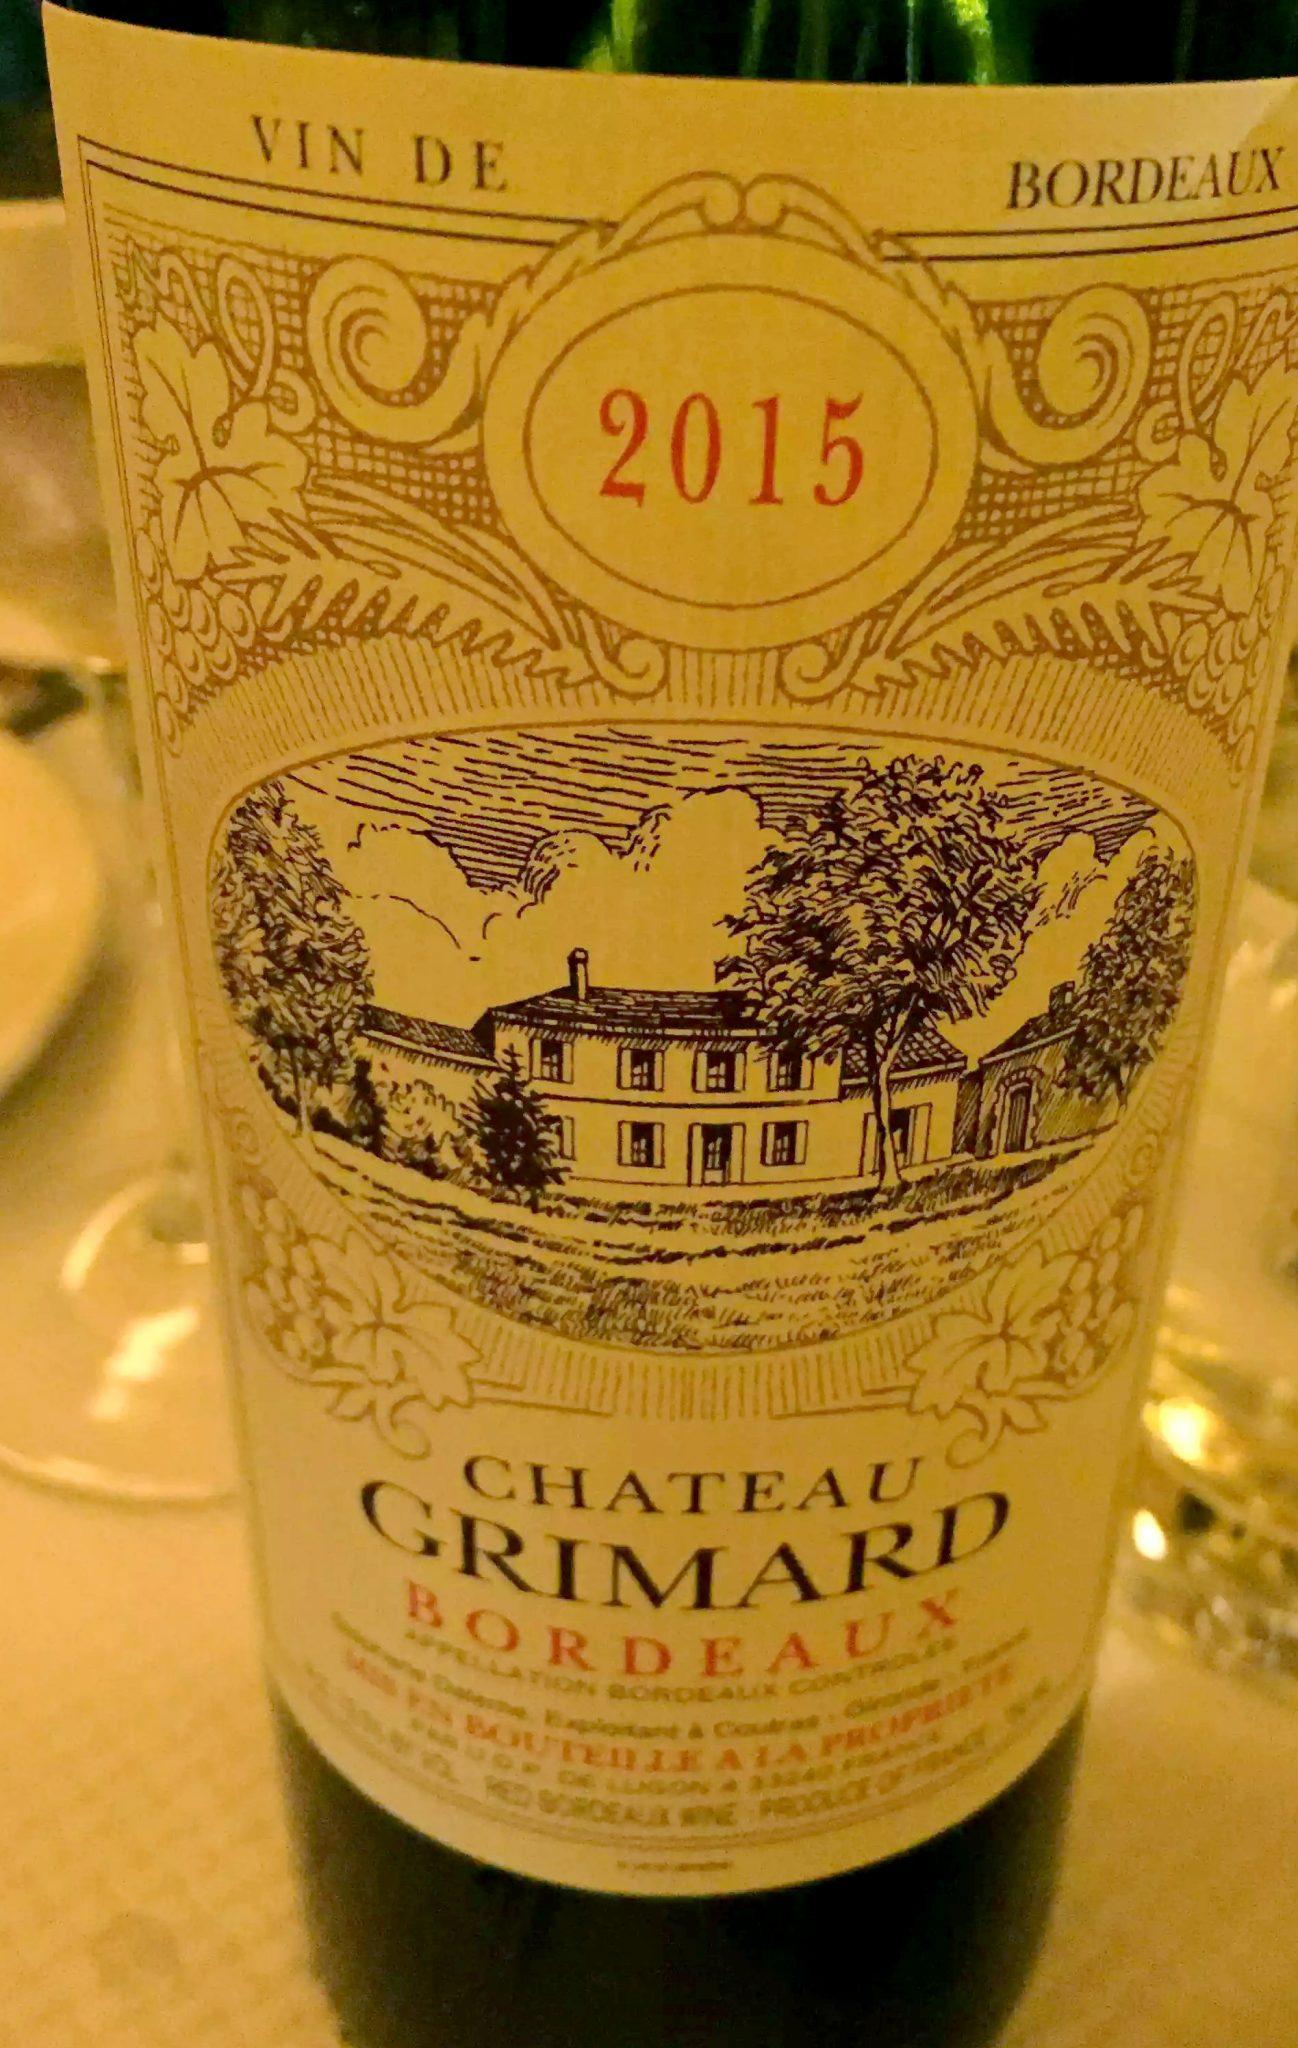 Balthazar Restaurant Covent Garden, London Chateau Grimard Bordeaux